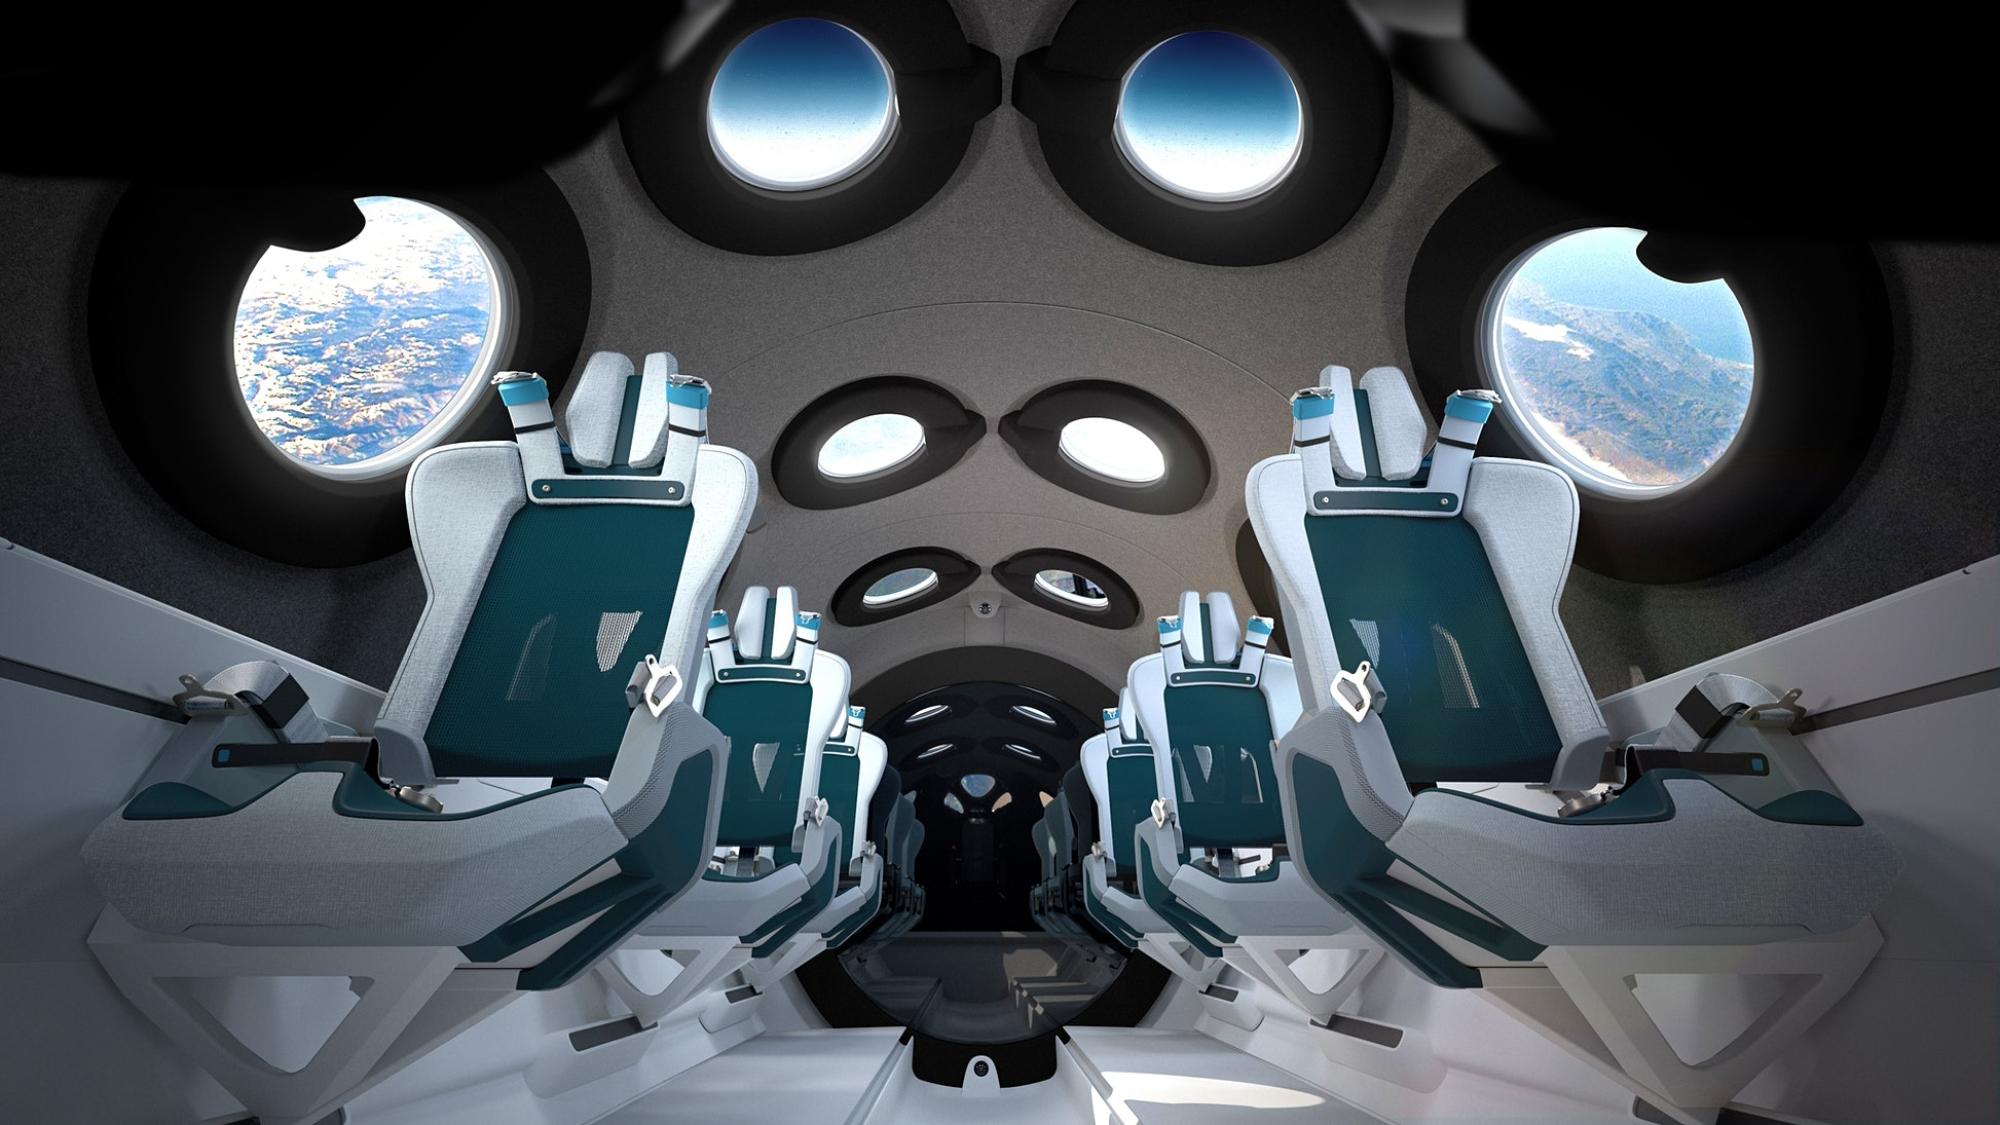 維珍銀河揭幕了VSS Unity客艙的設計©維珍銀河